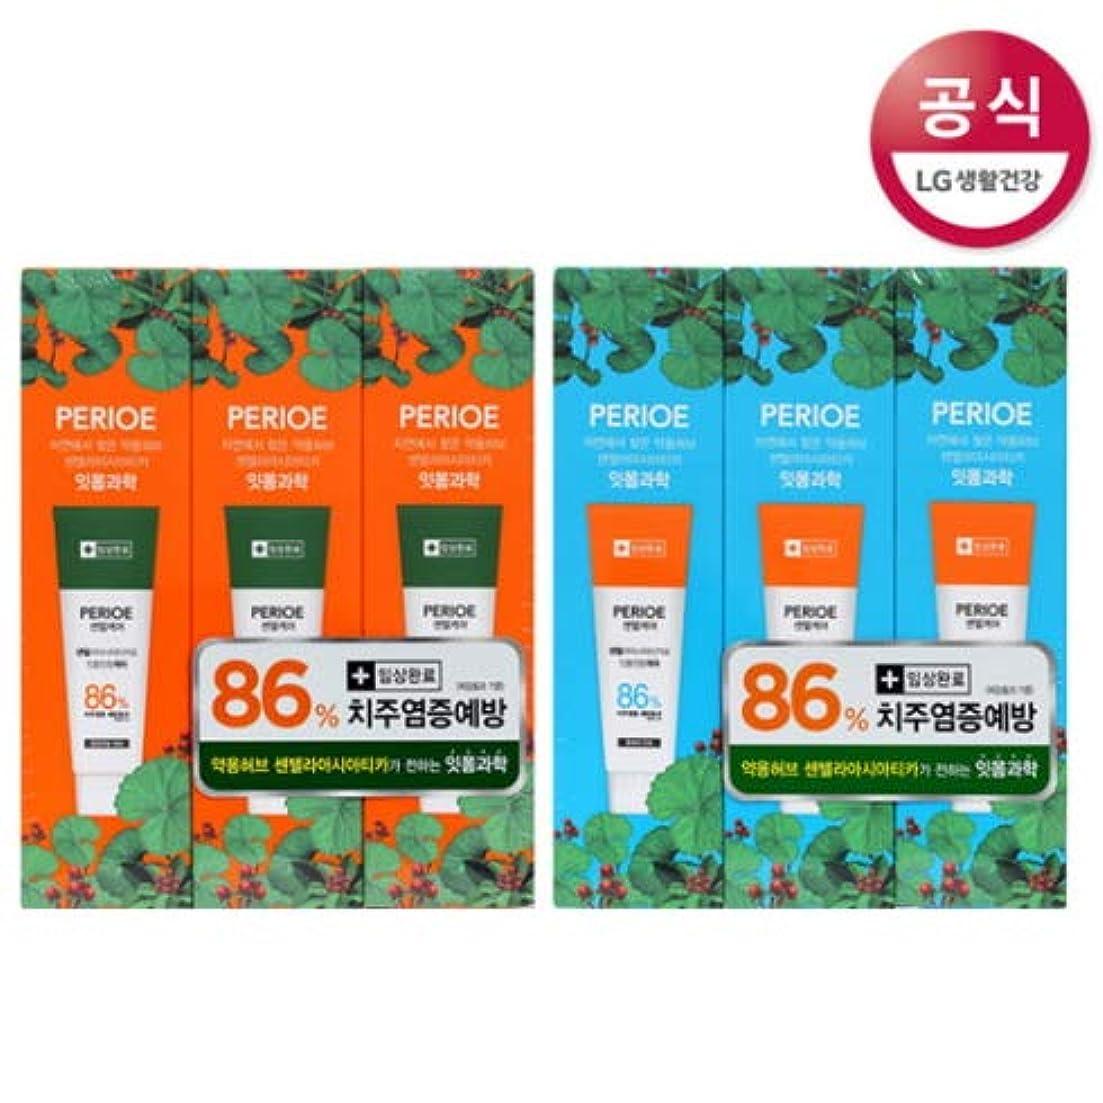 レイ一月多様性[LG HnB] Perio centel care toothpaste/ペリオセンテルケア歯磨き粉 100gx6個(海外直送品)